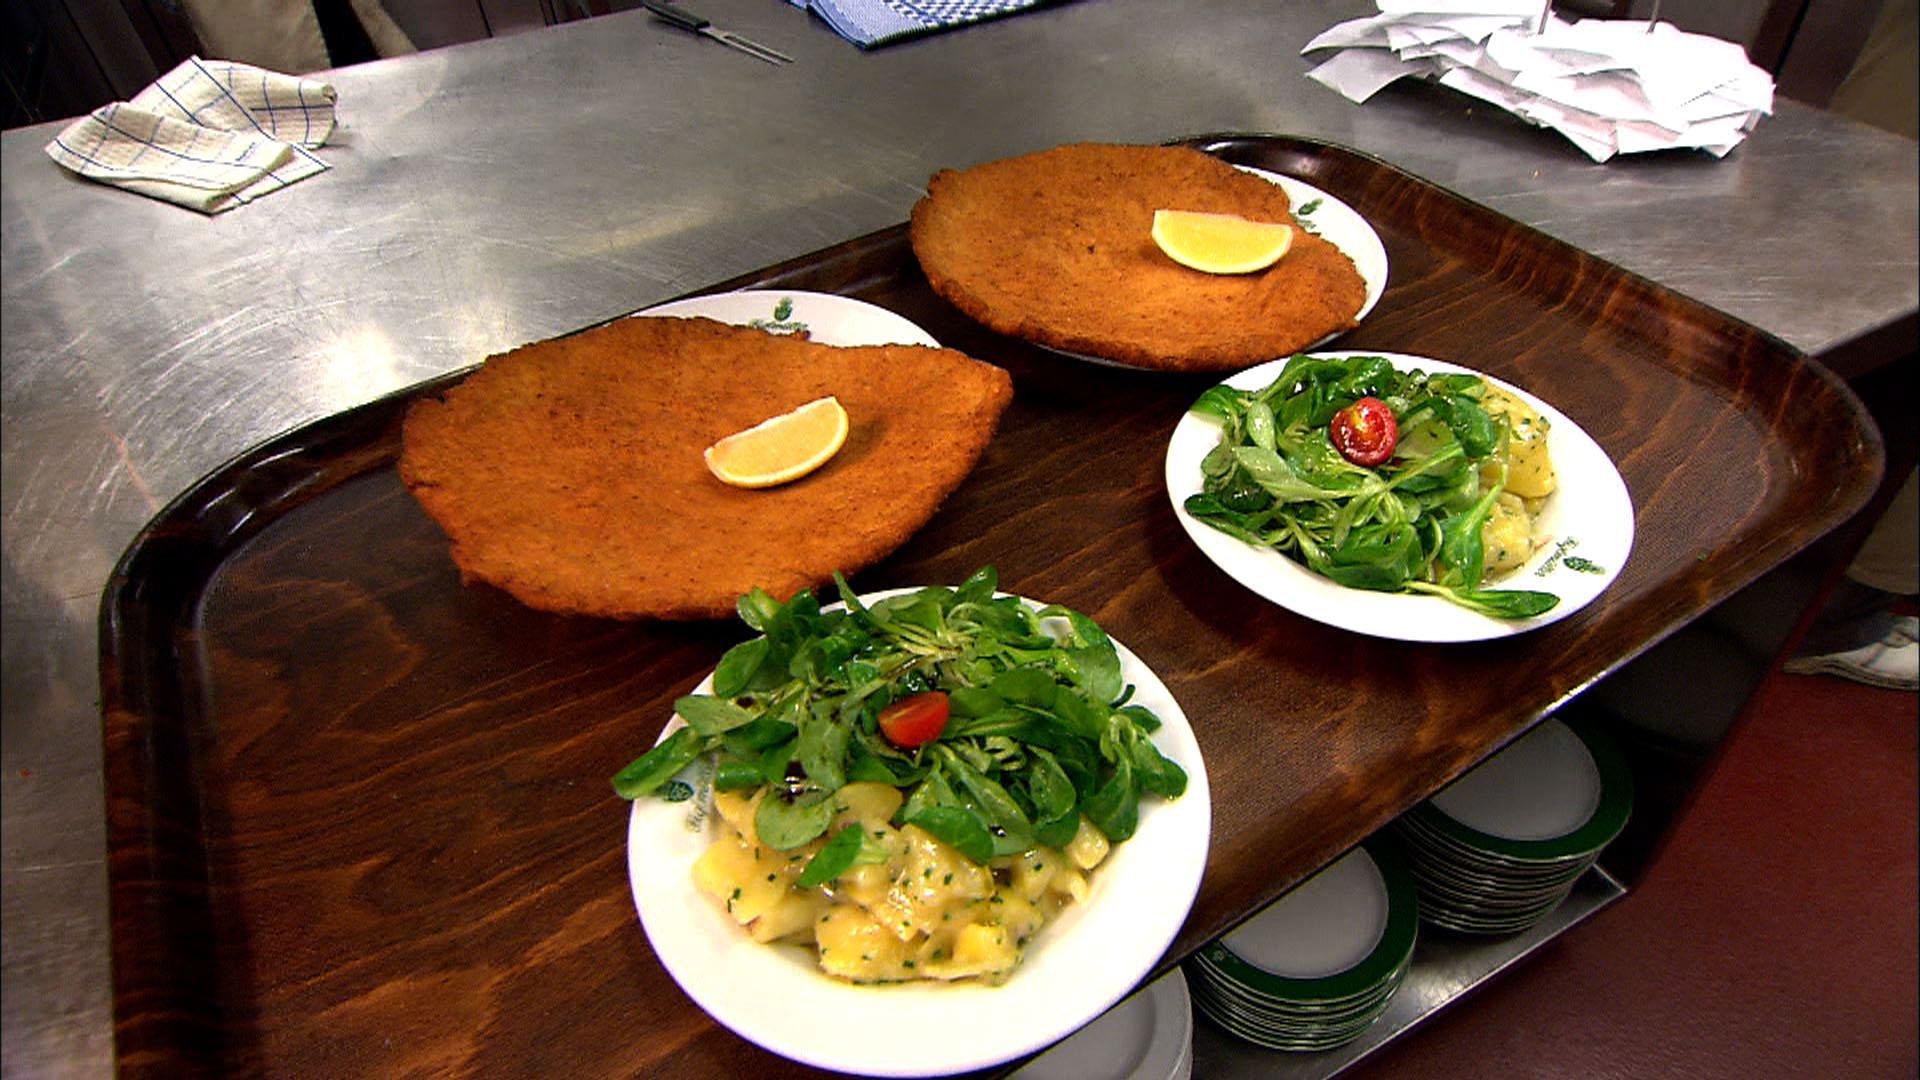 Figlmueller wien signature wienner schnitzel dish with for Austrian cuisine vienna